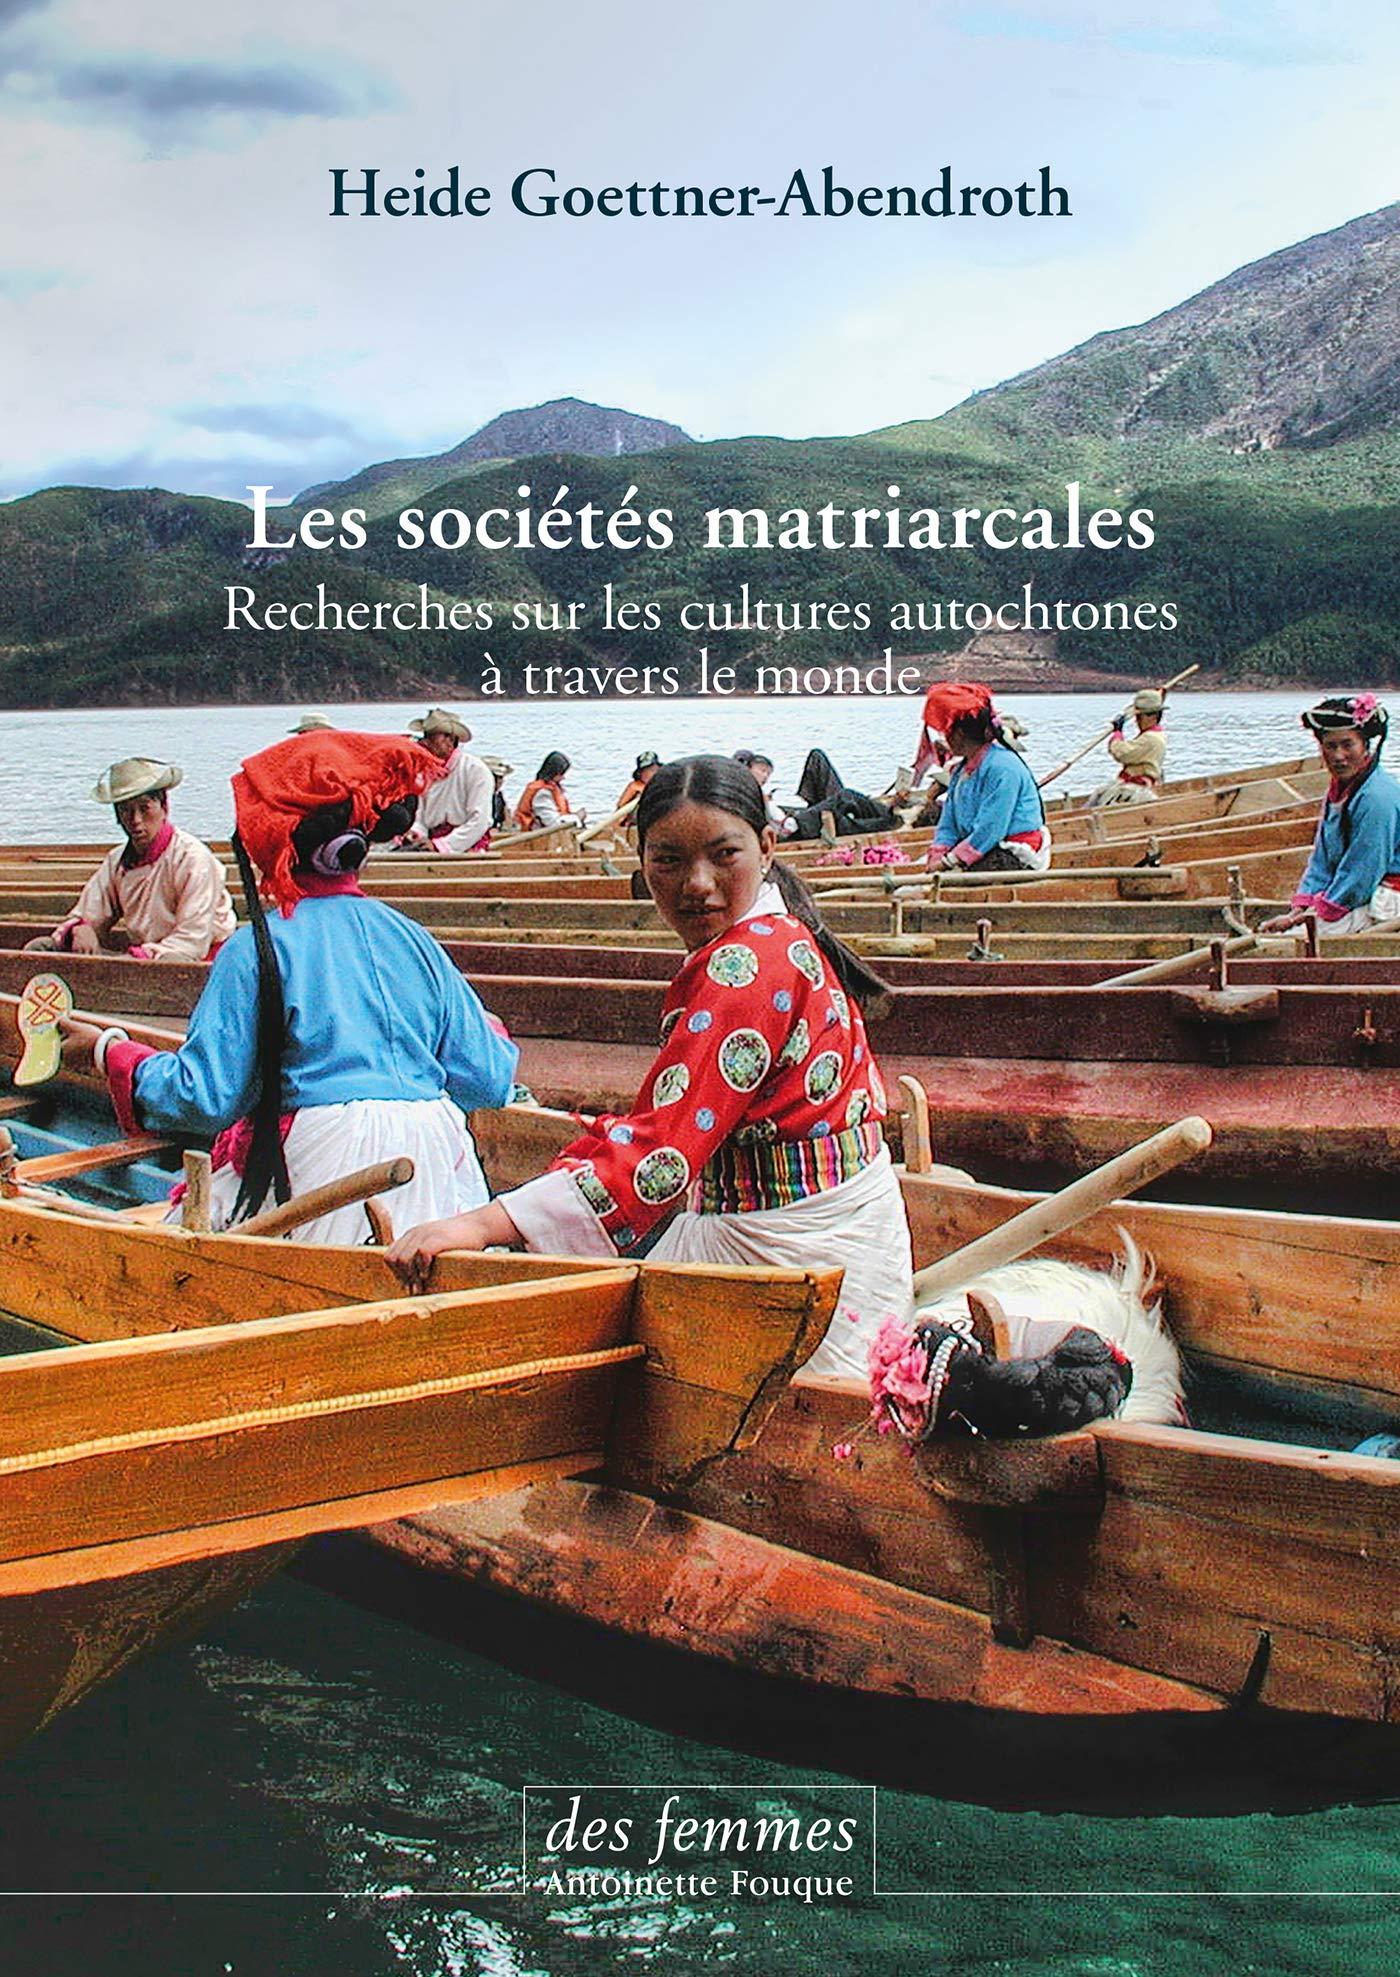 """Résultat de recherche d'images pour """"sociétés matriarcales heide"""""""